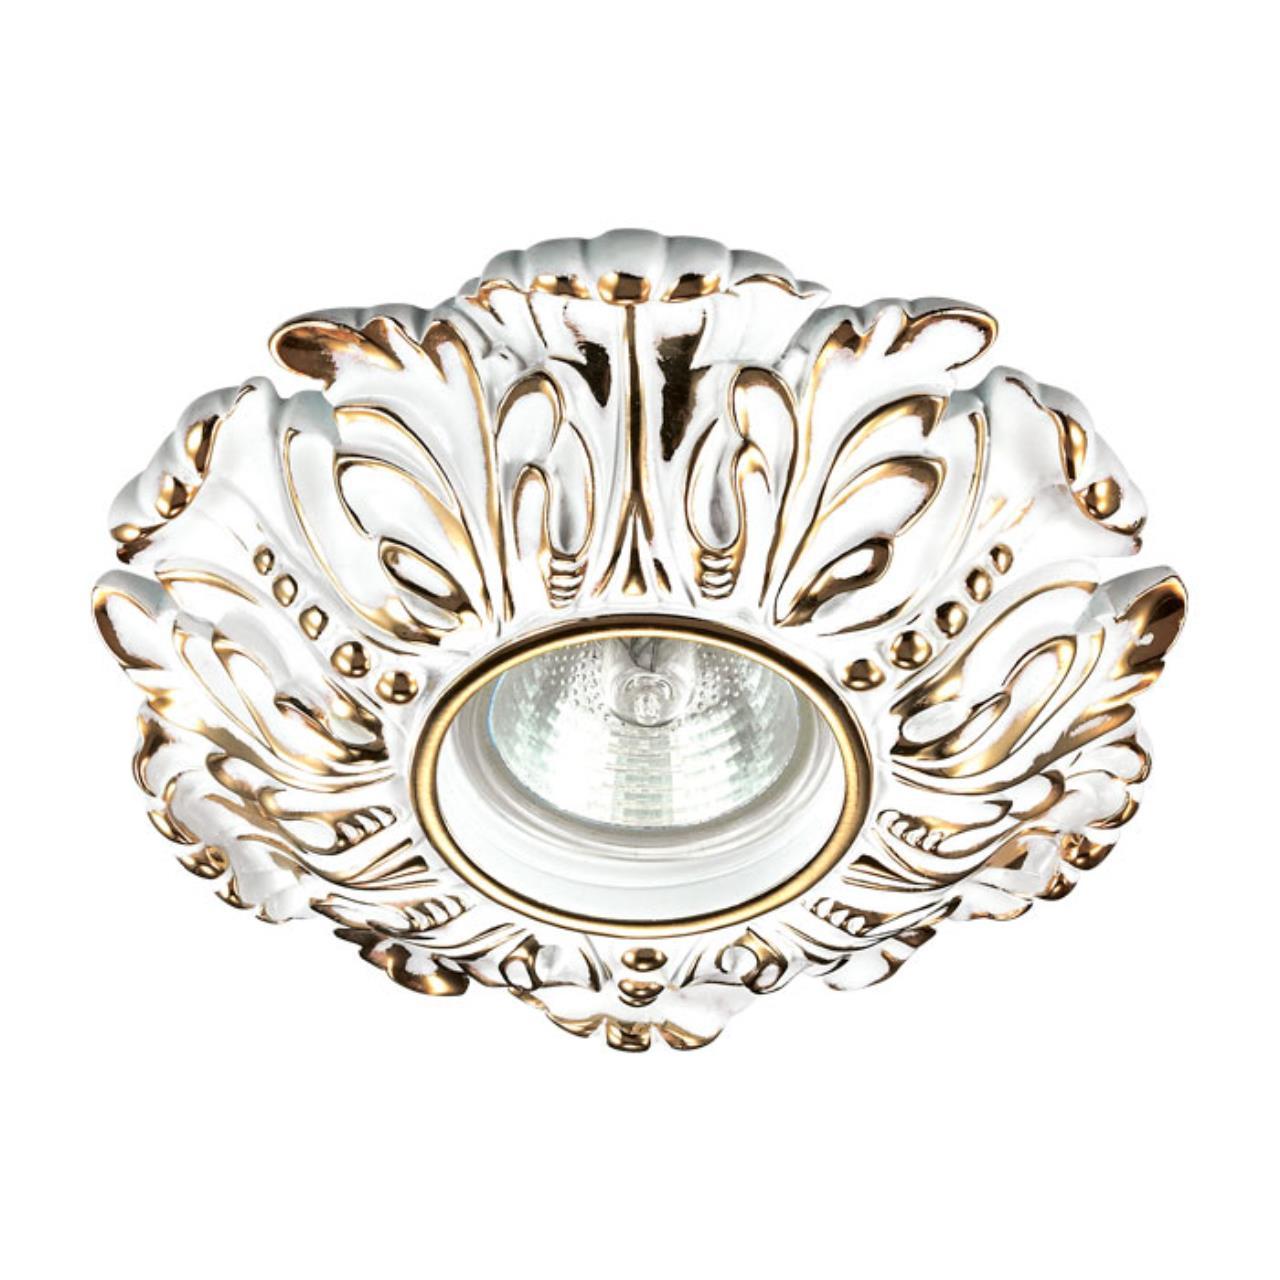 370323 SPOT NT17 117 белый/золото Встраиваемый декоративный светильник GX5.3 50W 12V PATTERN